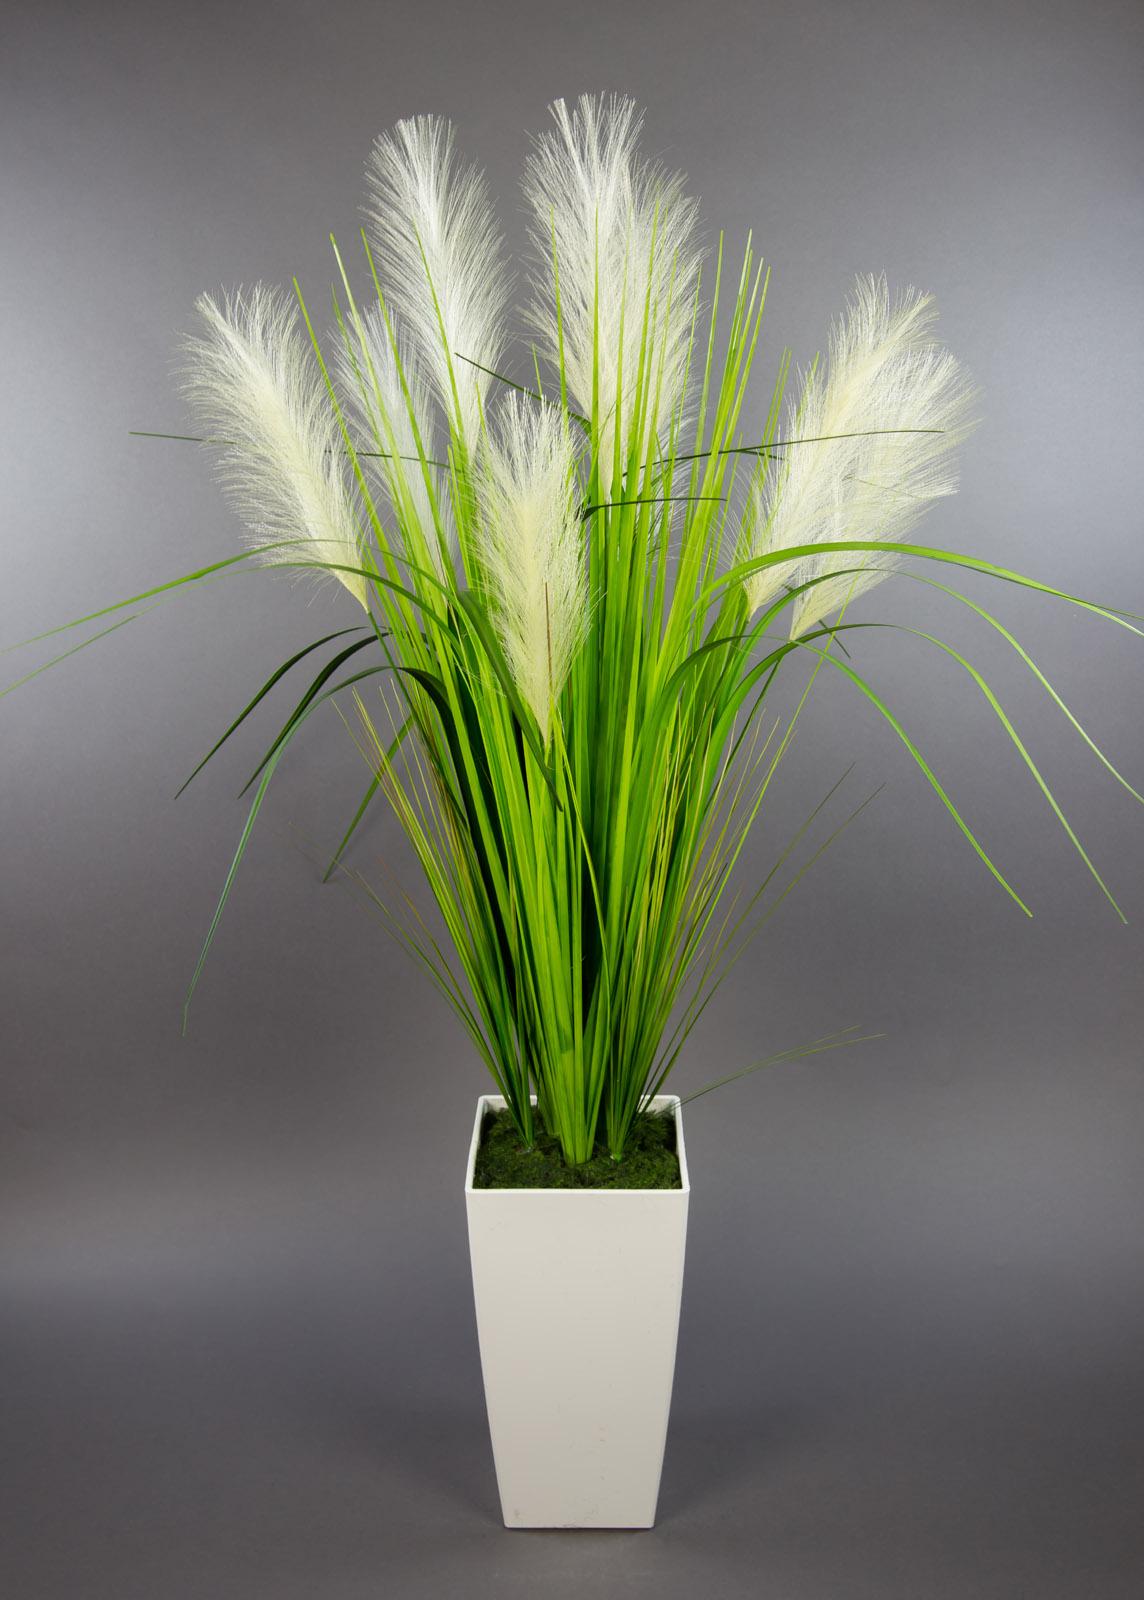 palmengrasbusch 90cm im wei en hochtopf dp kunstpflanzen k nstliche pflanzen ebay. Black Bedroom Furniture Sets. Home Design Ideas